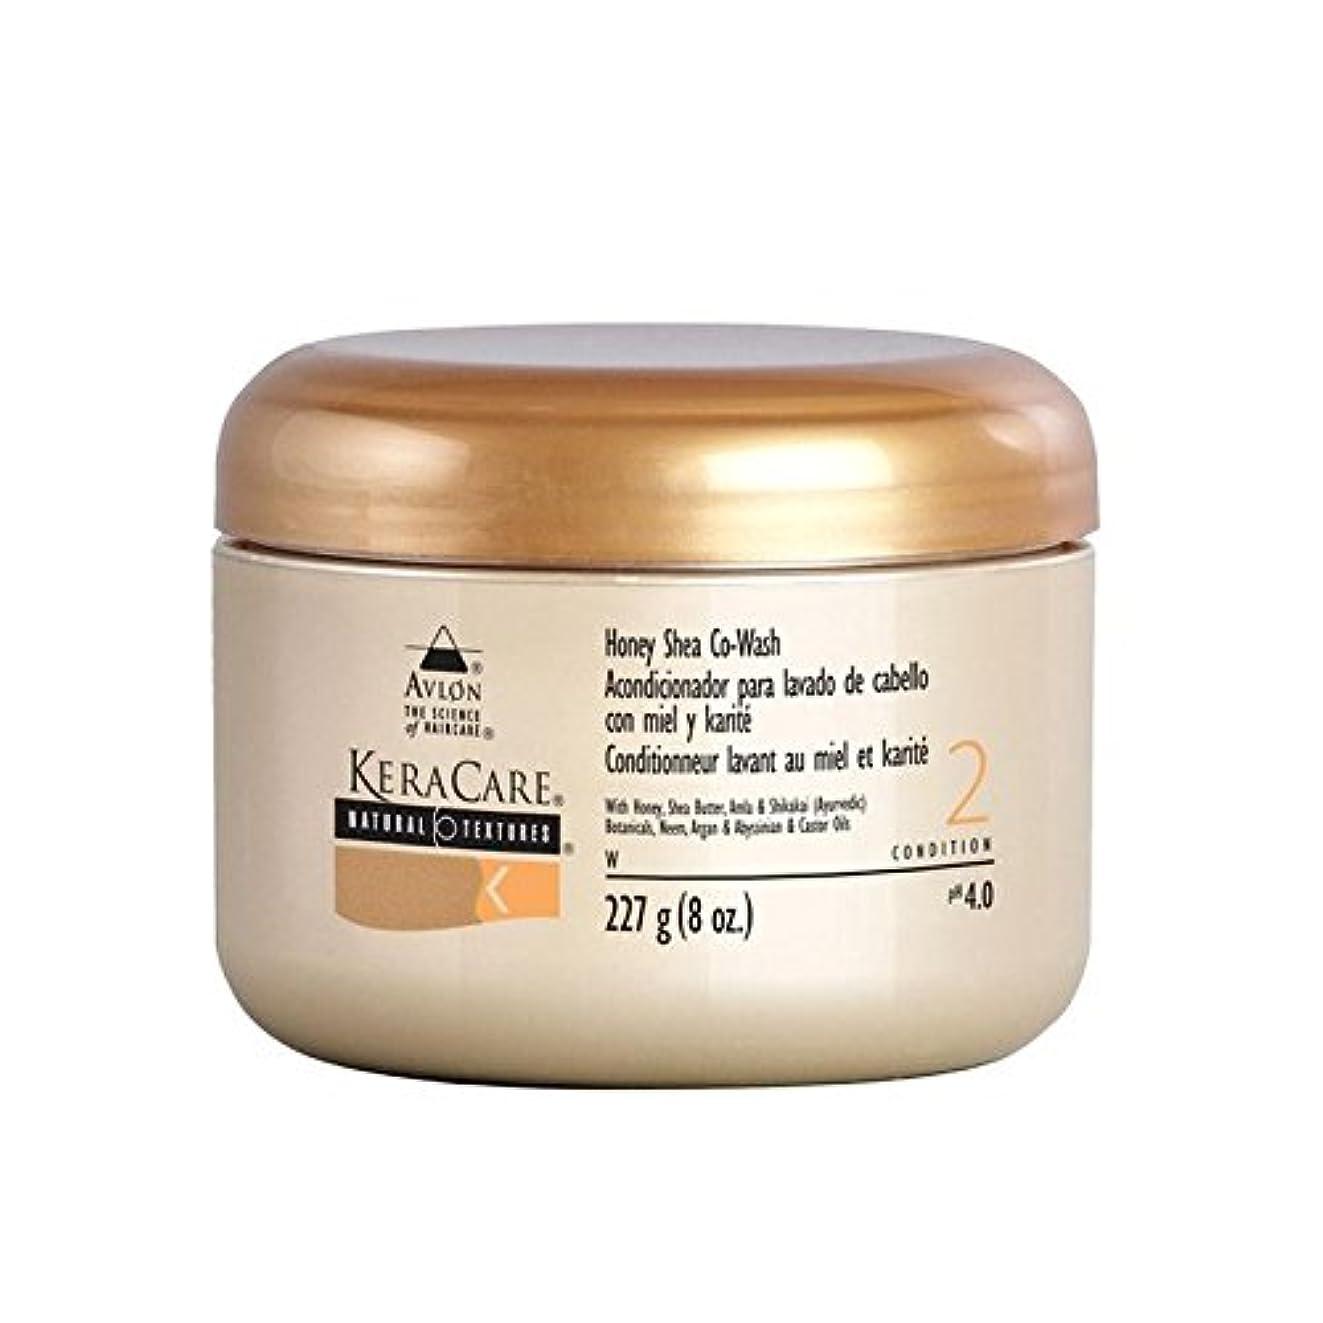 架空の地質学桁蜂蜜シアコウォッシュ x2 - Keracare Honey Shea Co-Wash (Pack of 2) [並行輸入品]